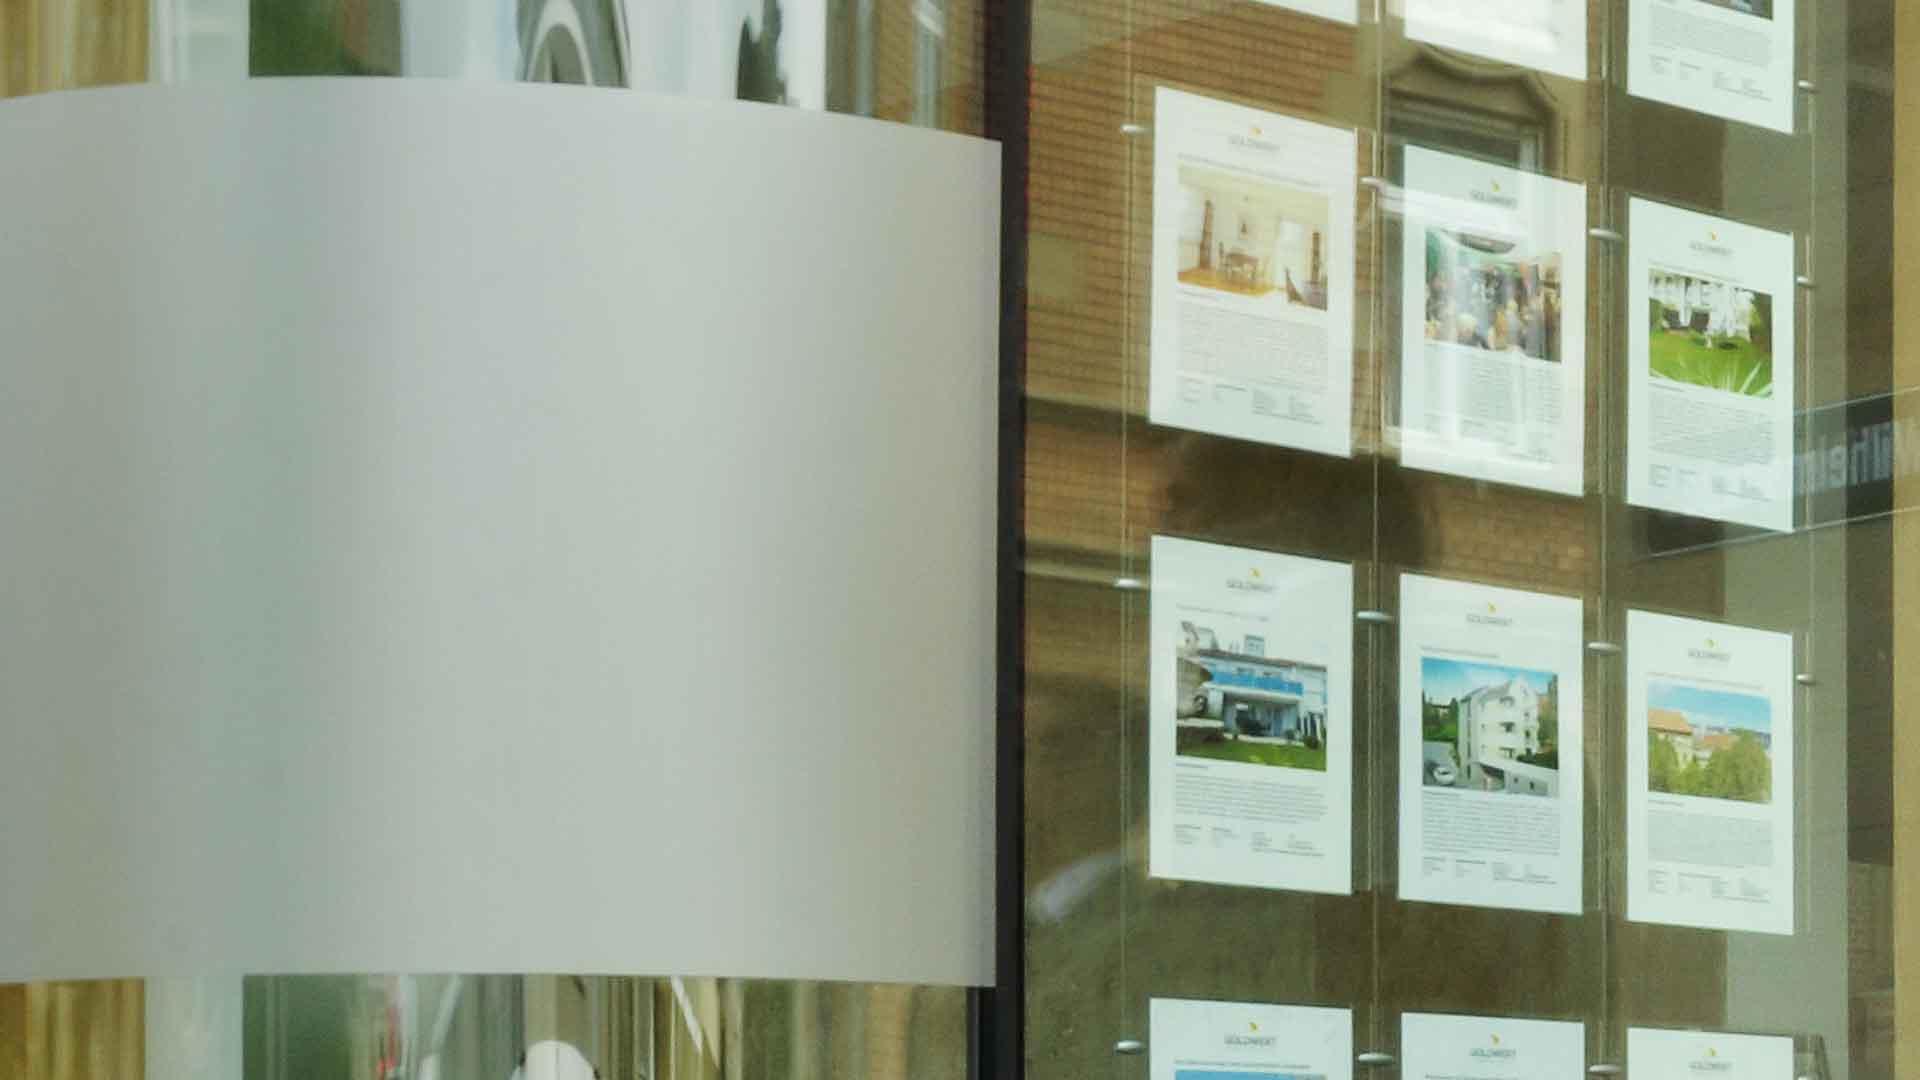 immobiliensuche immobilien mieten wohnung gesucht immobilienbewertung online mietwohnung suchen. Black Bedroom Furniture Sets. Home Design Ideas